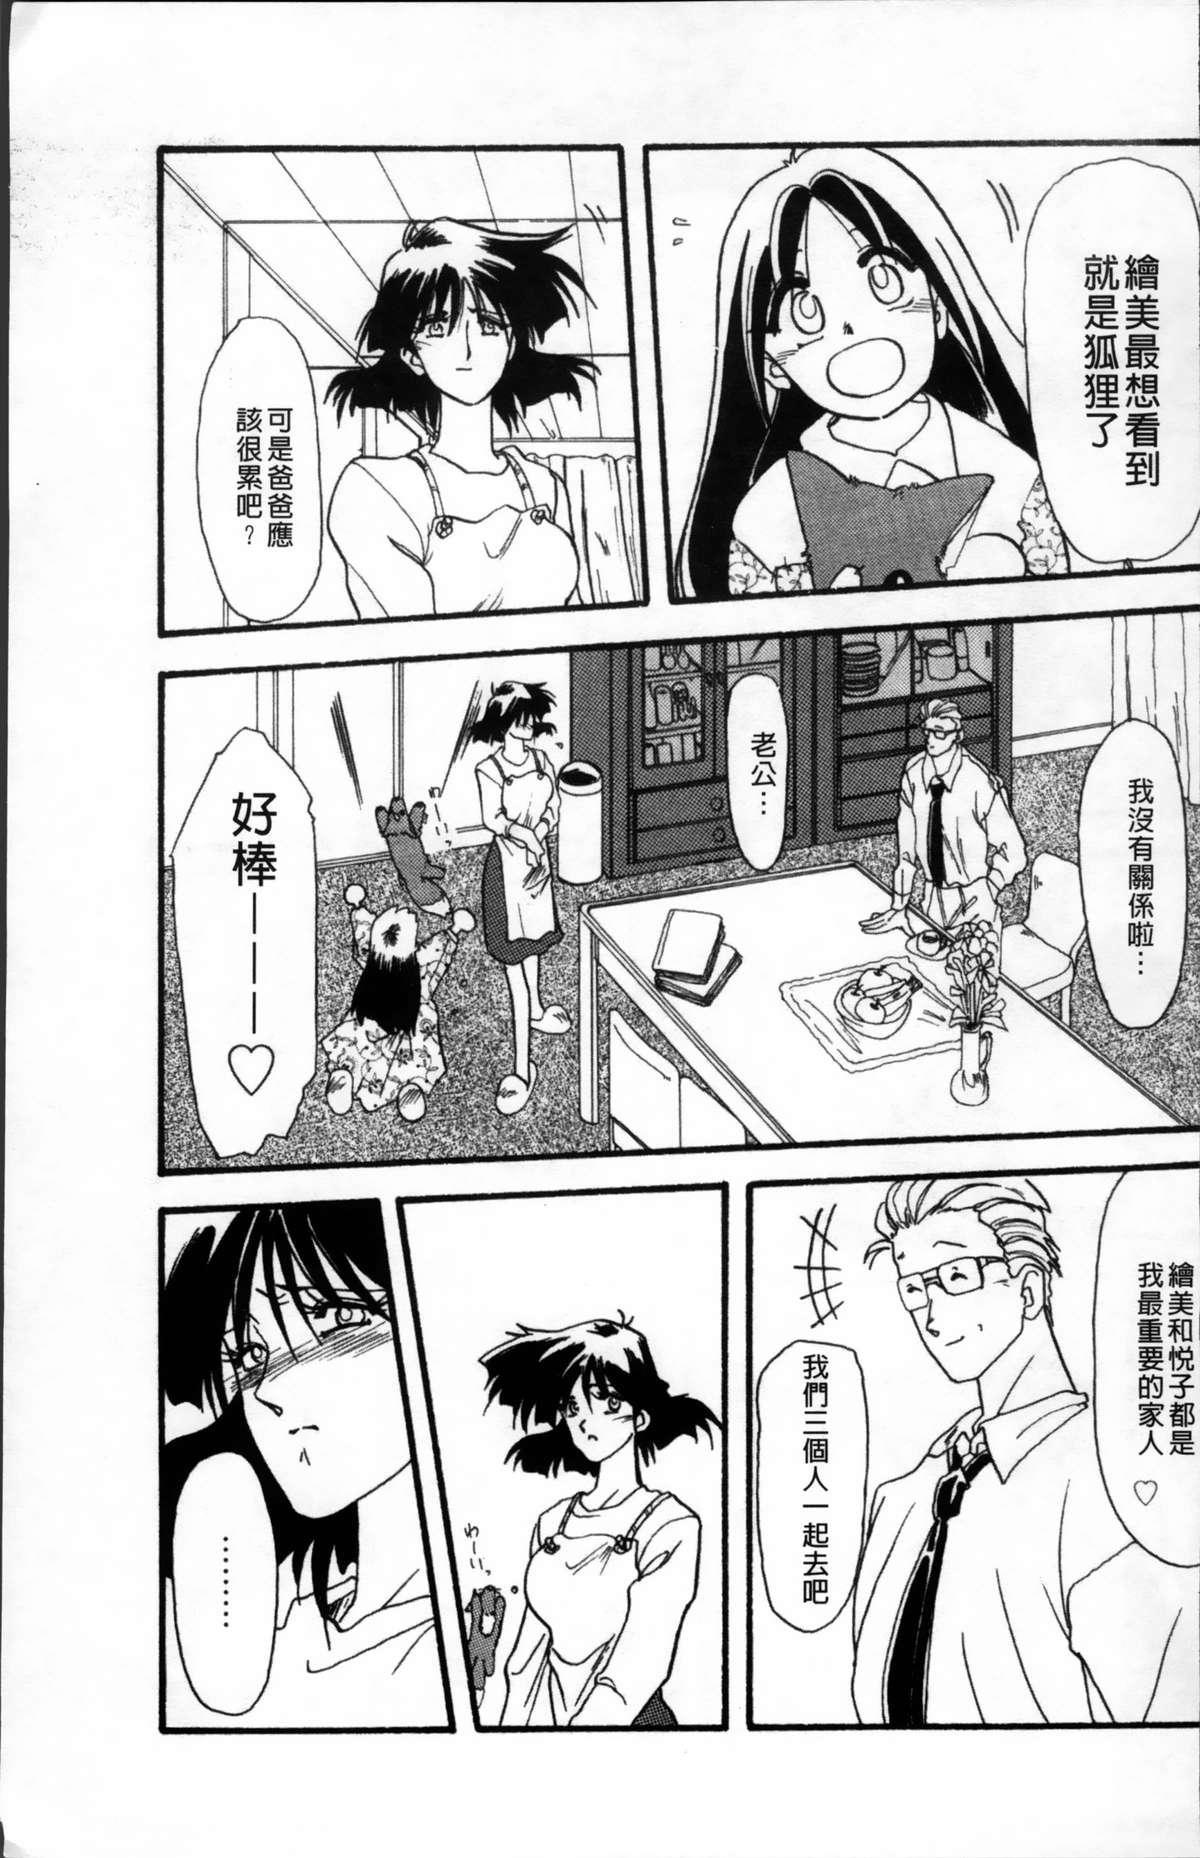 Hiiro no Koku Kanzenban   緋色之刻 完全版 60